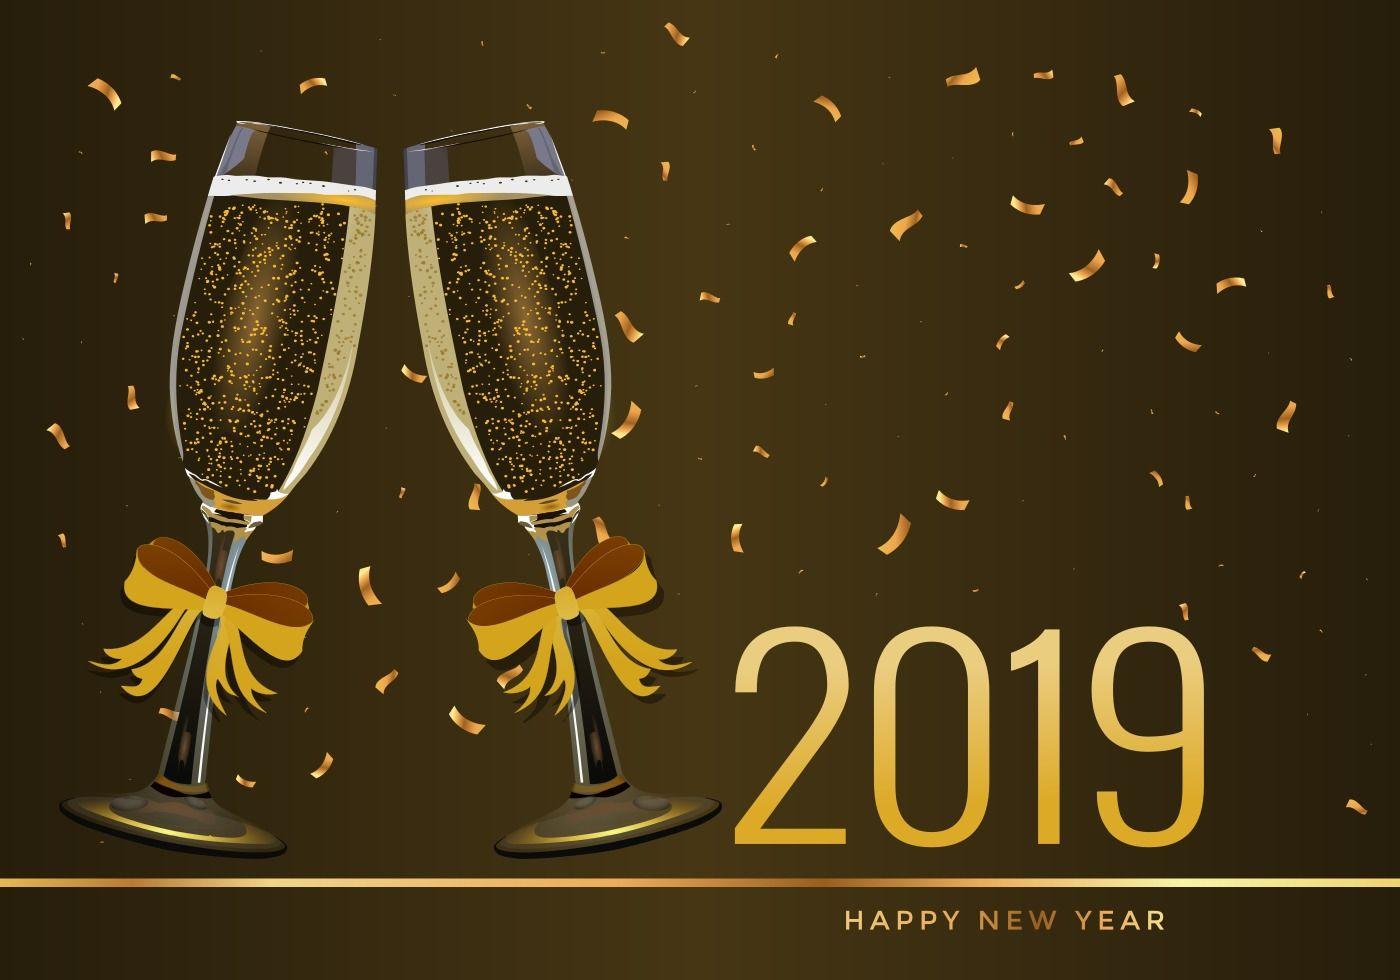 vector-new-year-2019-illustration.jpg.bf40df92545641ad2d89439932644cca.jpg